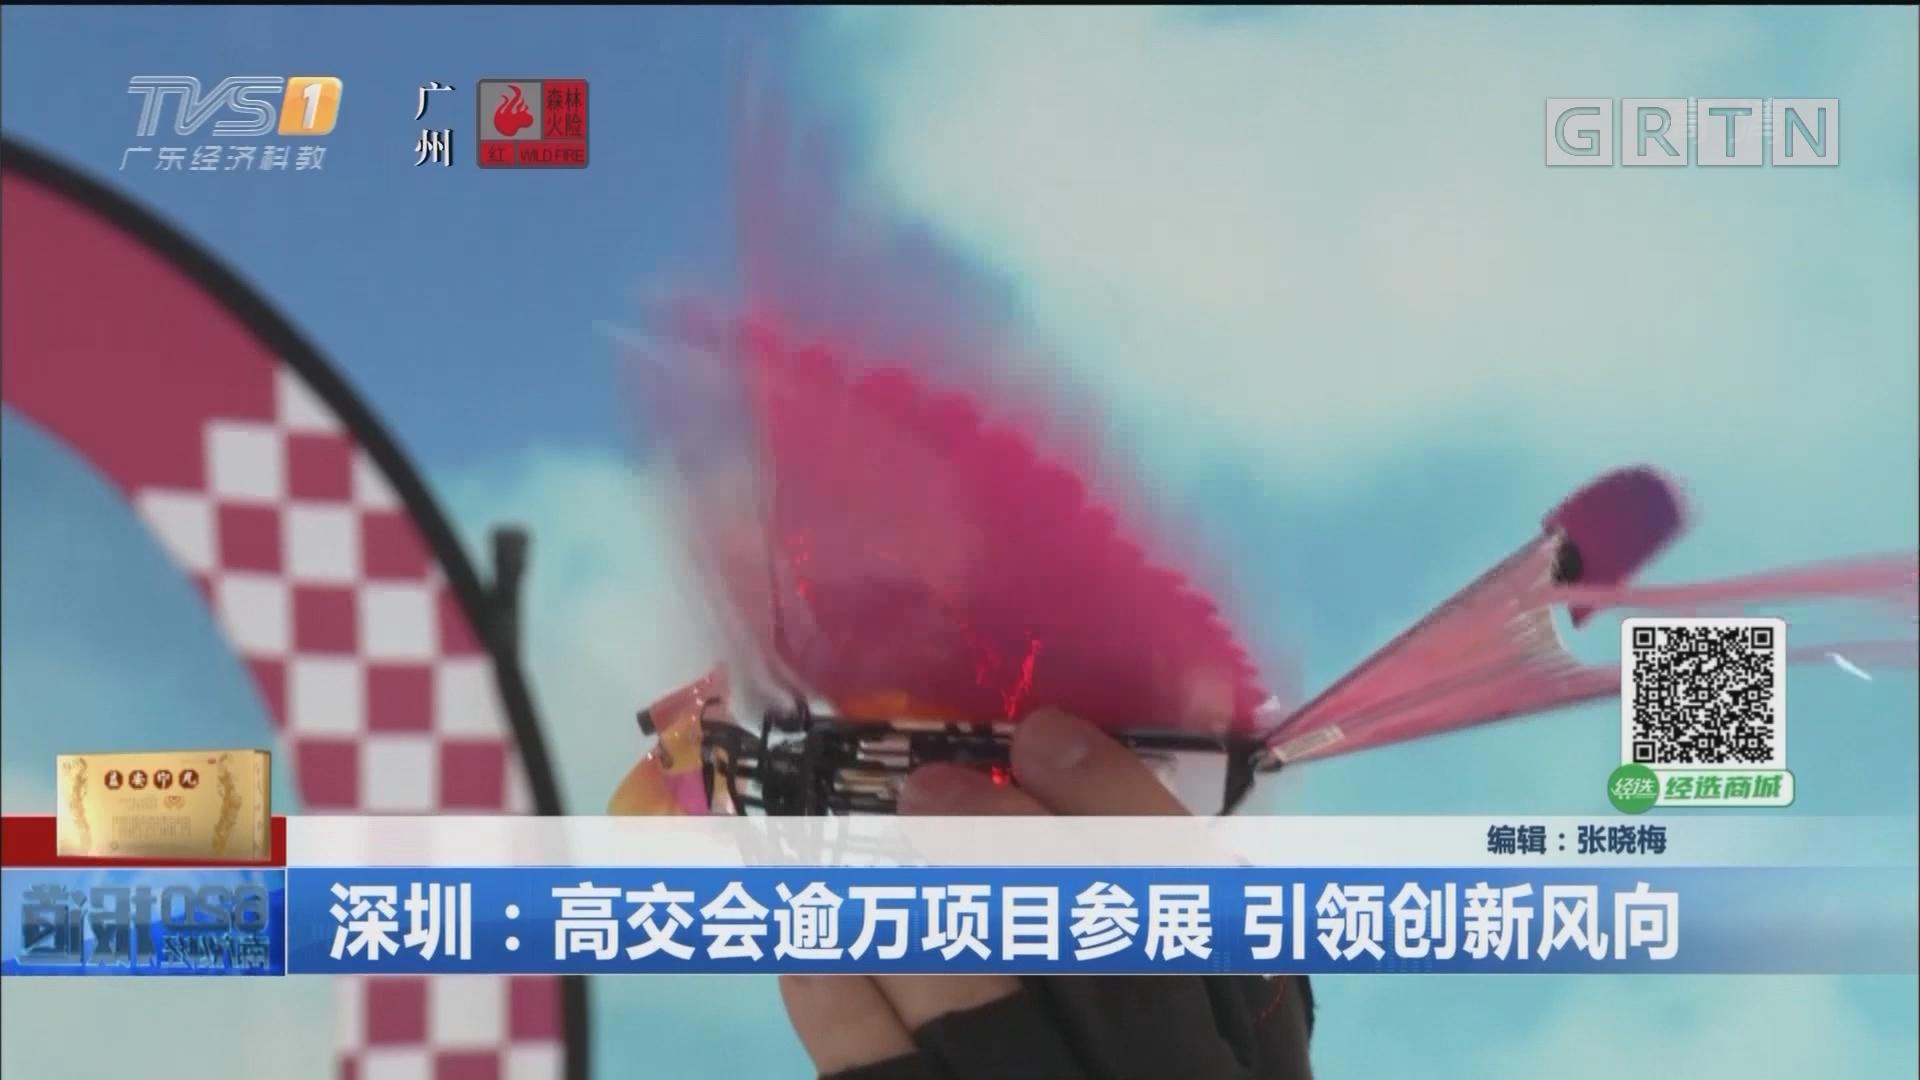 深圳:高交會逾萬項目參展 引領創新風向